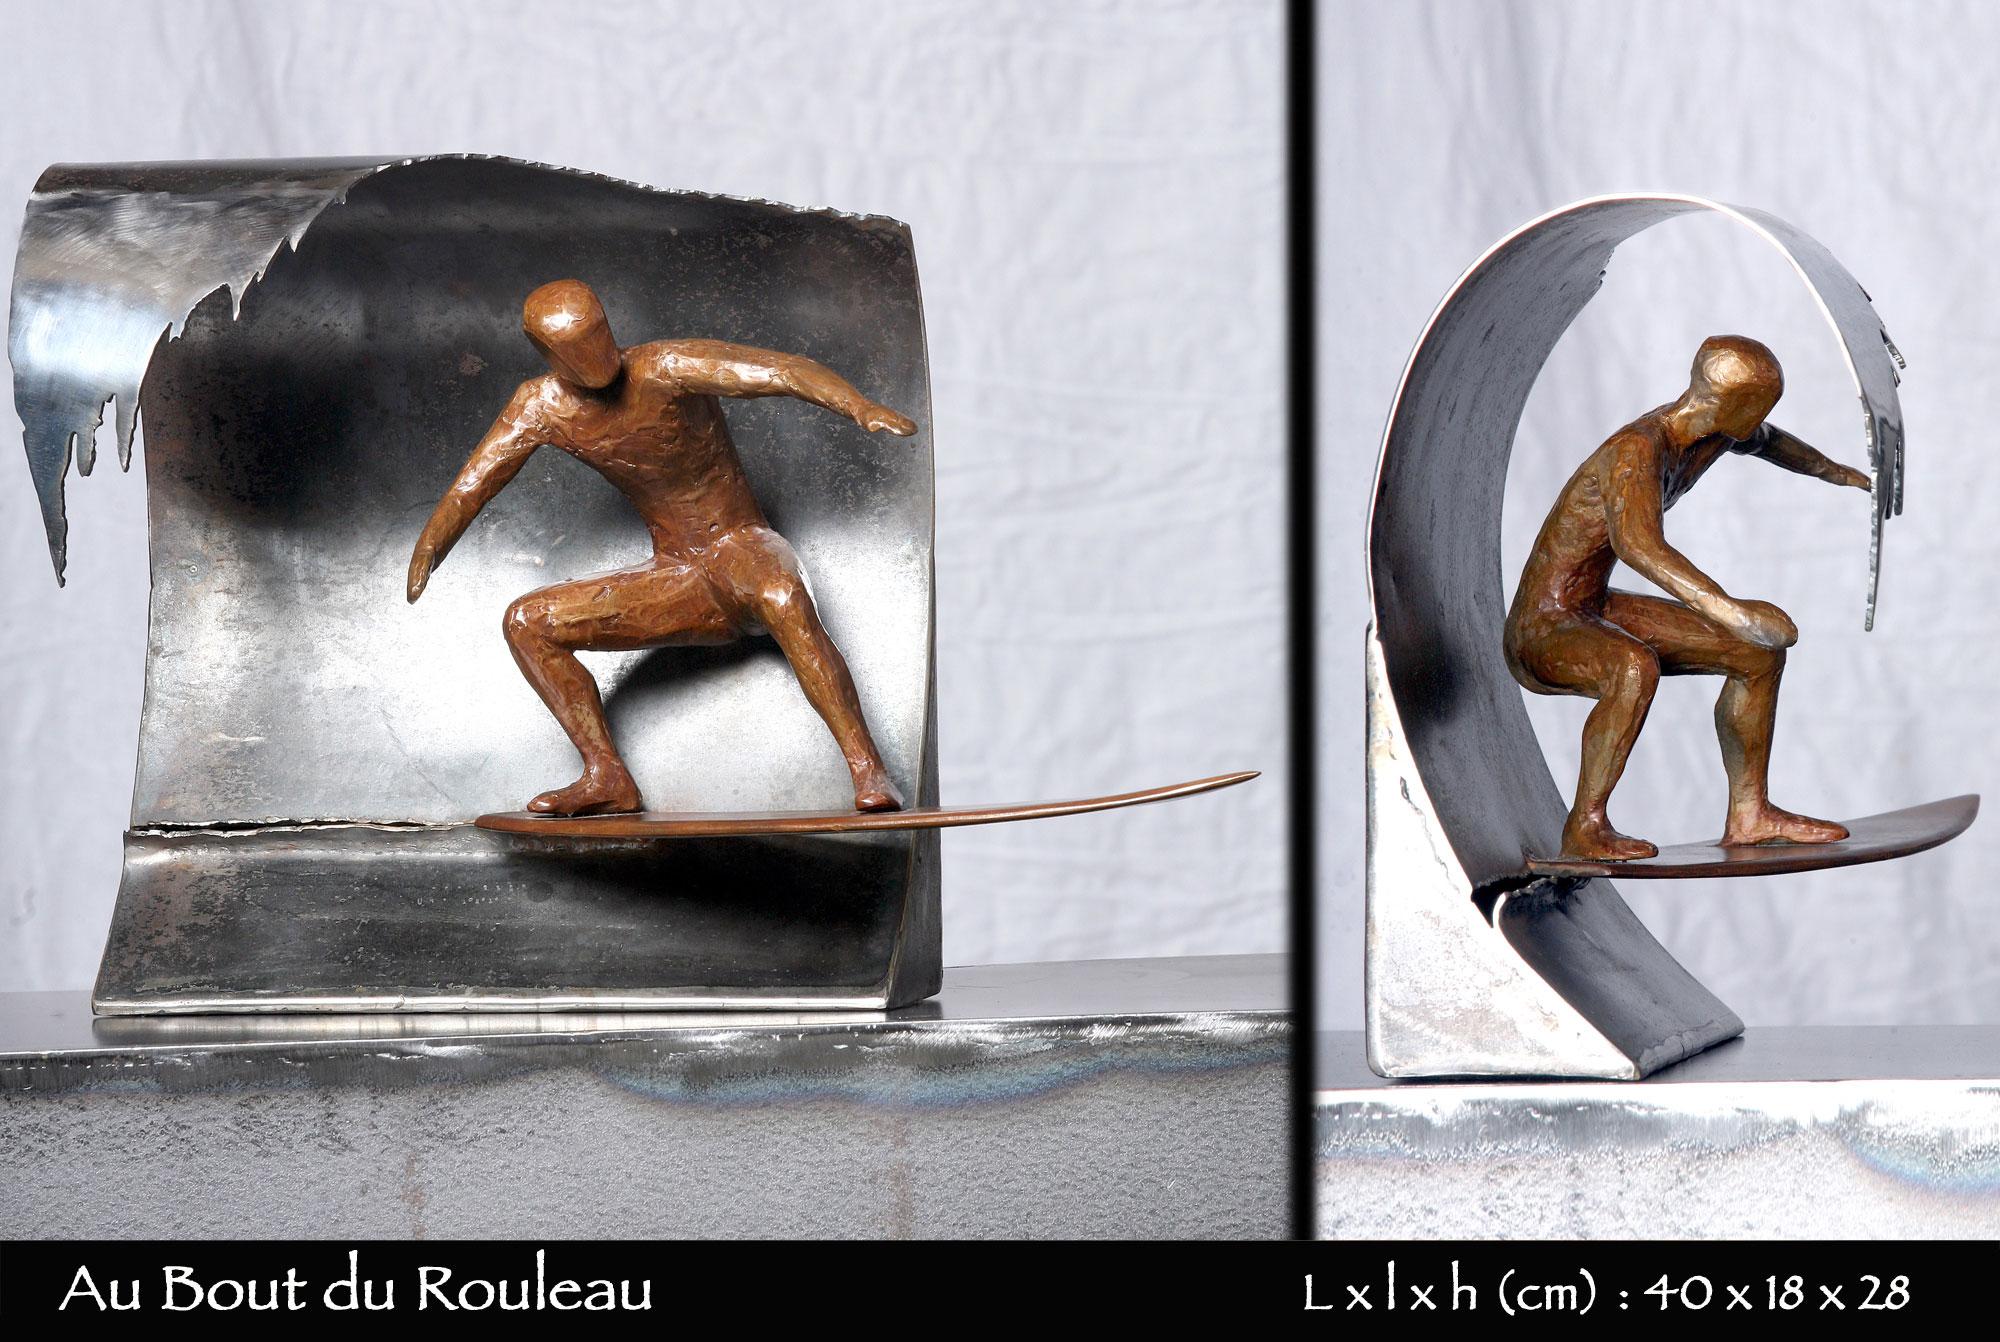 Surfeur en bronze surfant sur une vague en acier